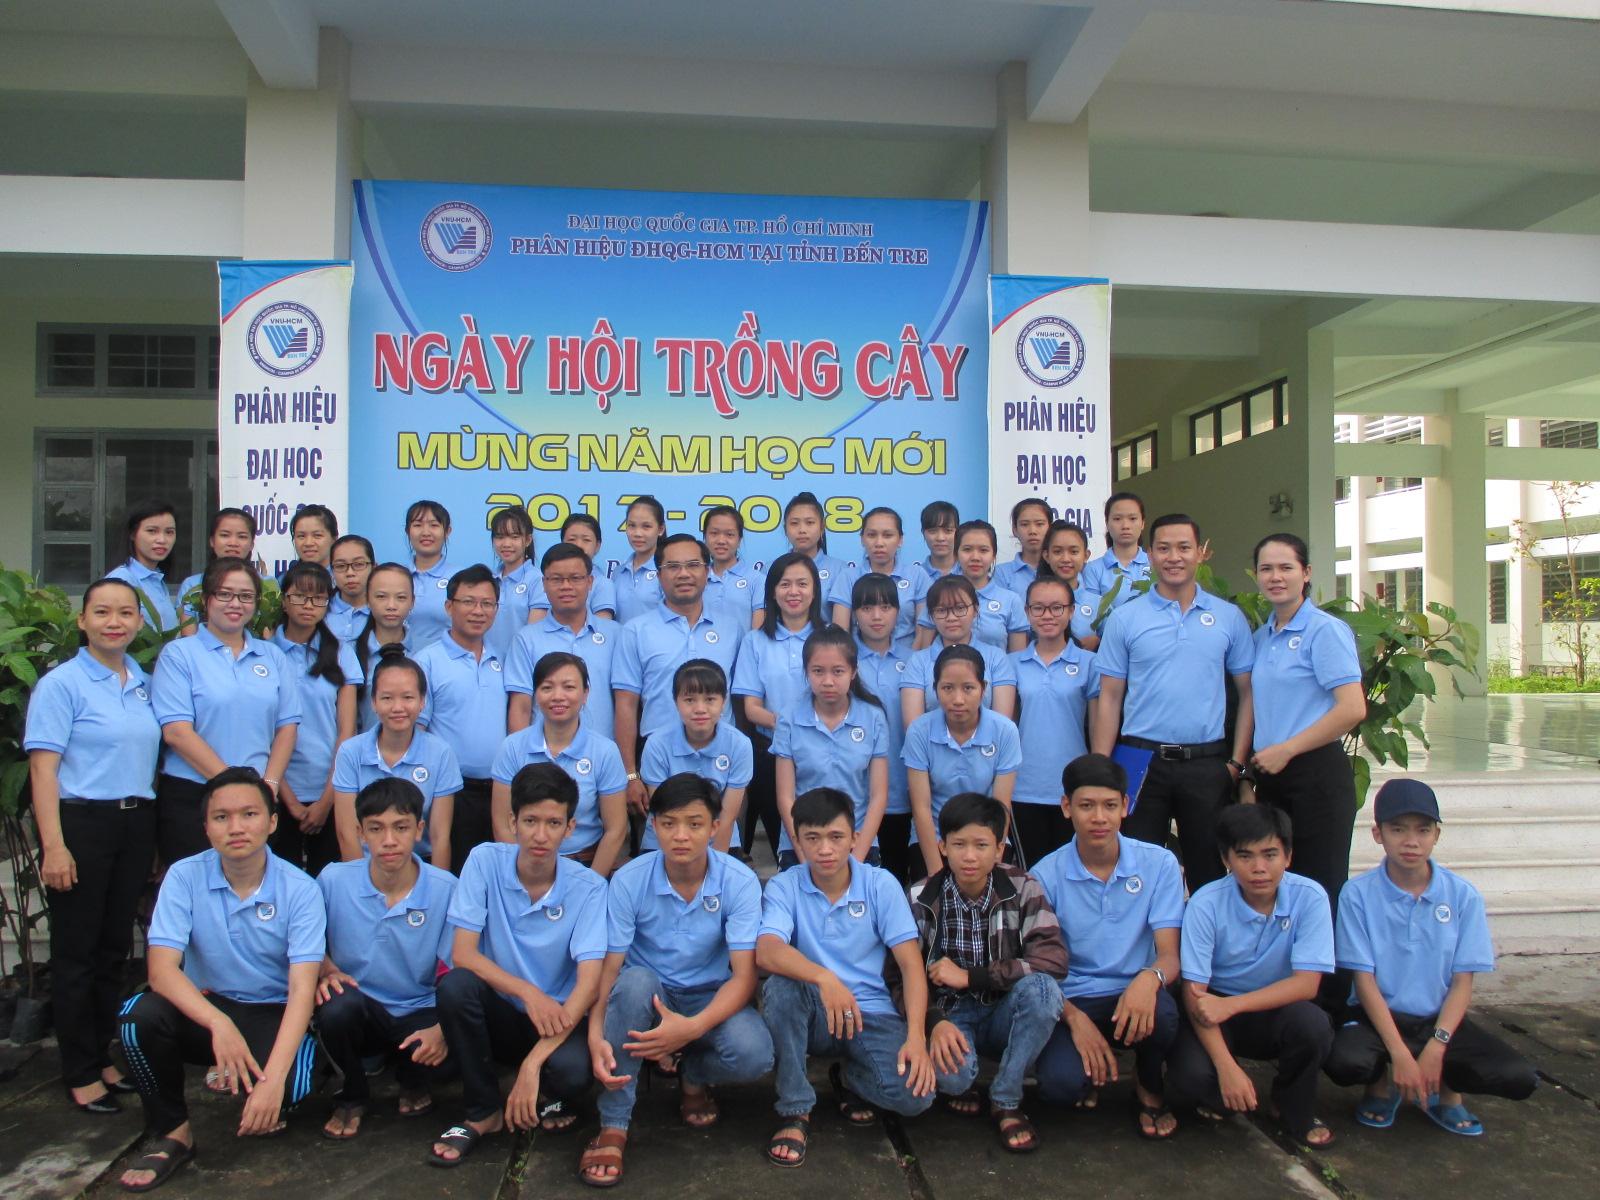 Phân hiệu ĐHQG-HCM tại tỉnh Bến Tre tổ chức chương trình Ngày hội trồng cây mừng năm học mới 2017 – 2018